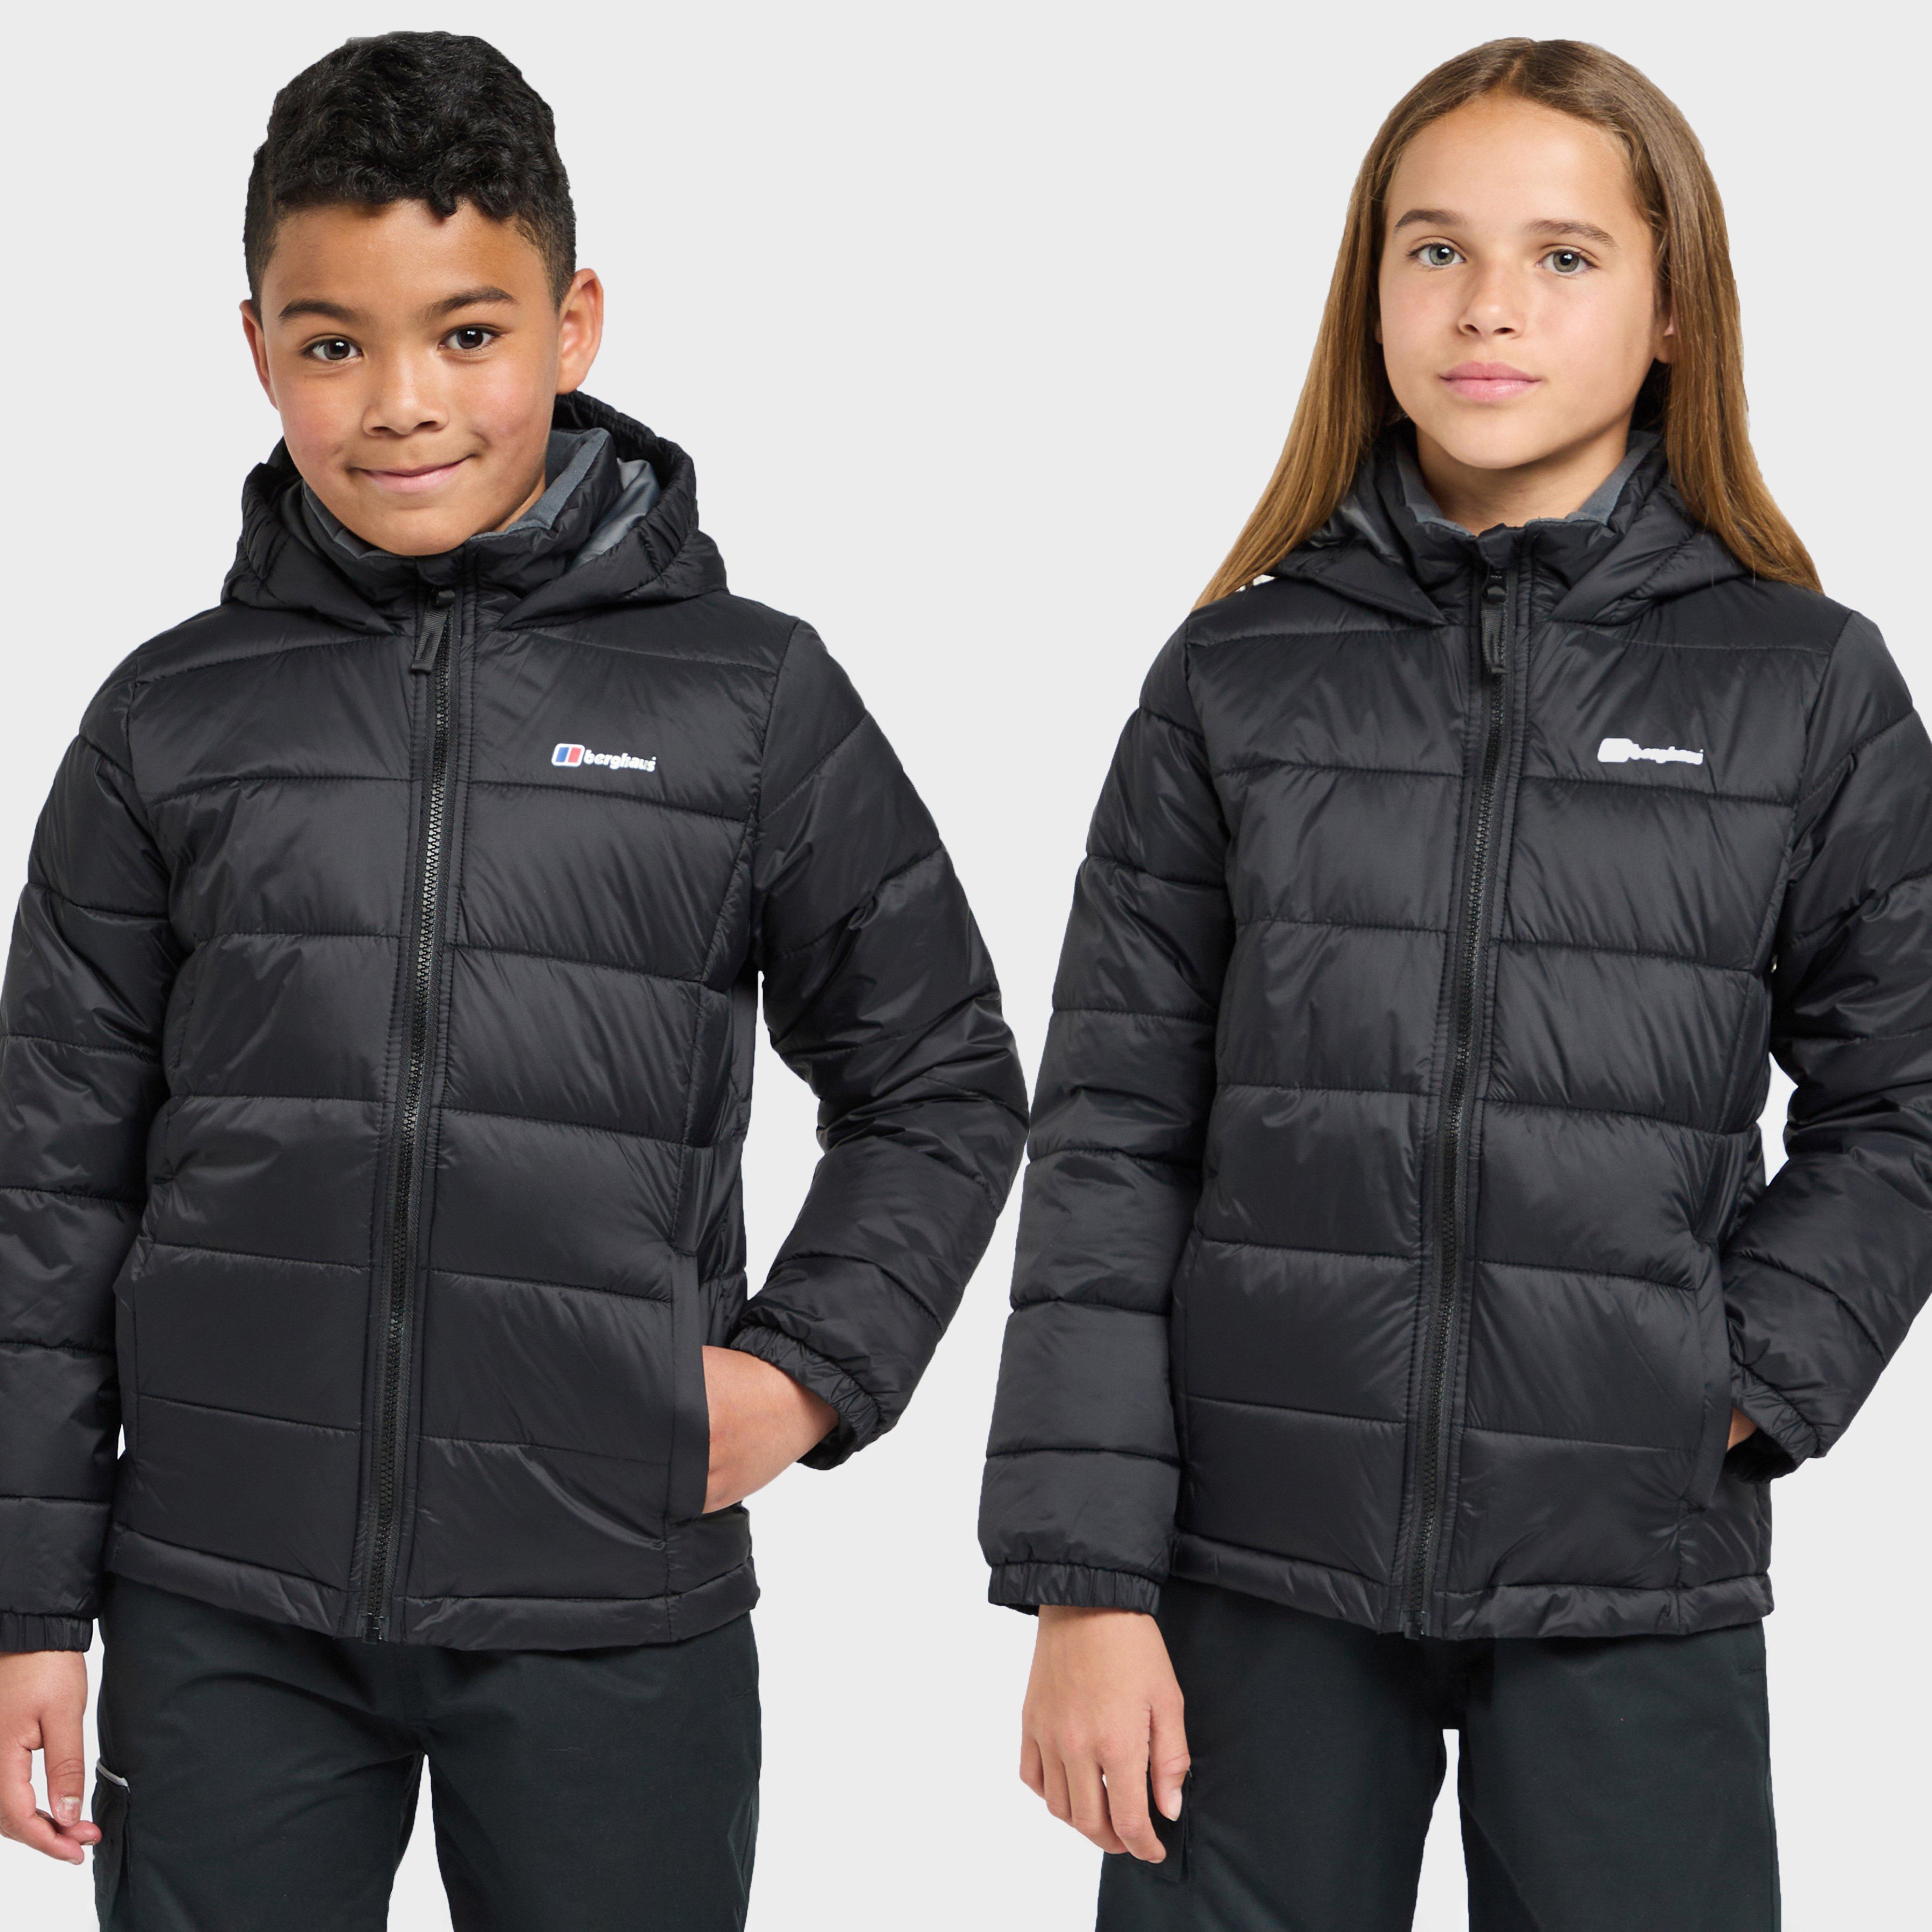 910b4c6ee Berghaus Kid s Burham Insulated Jacket